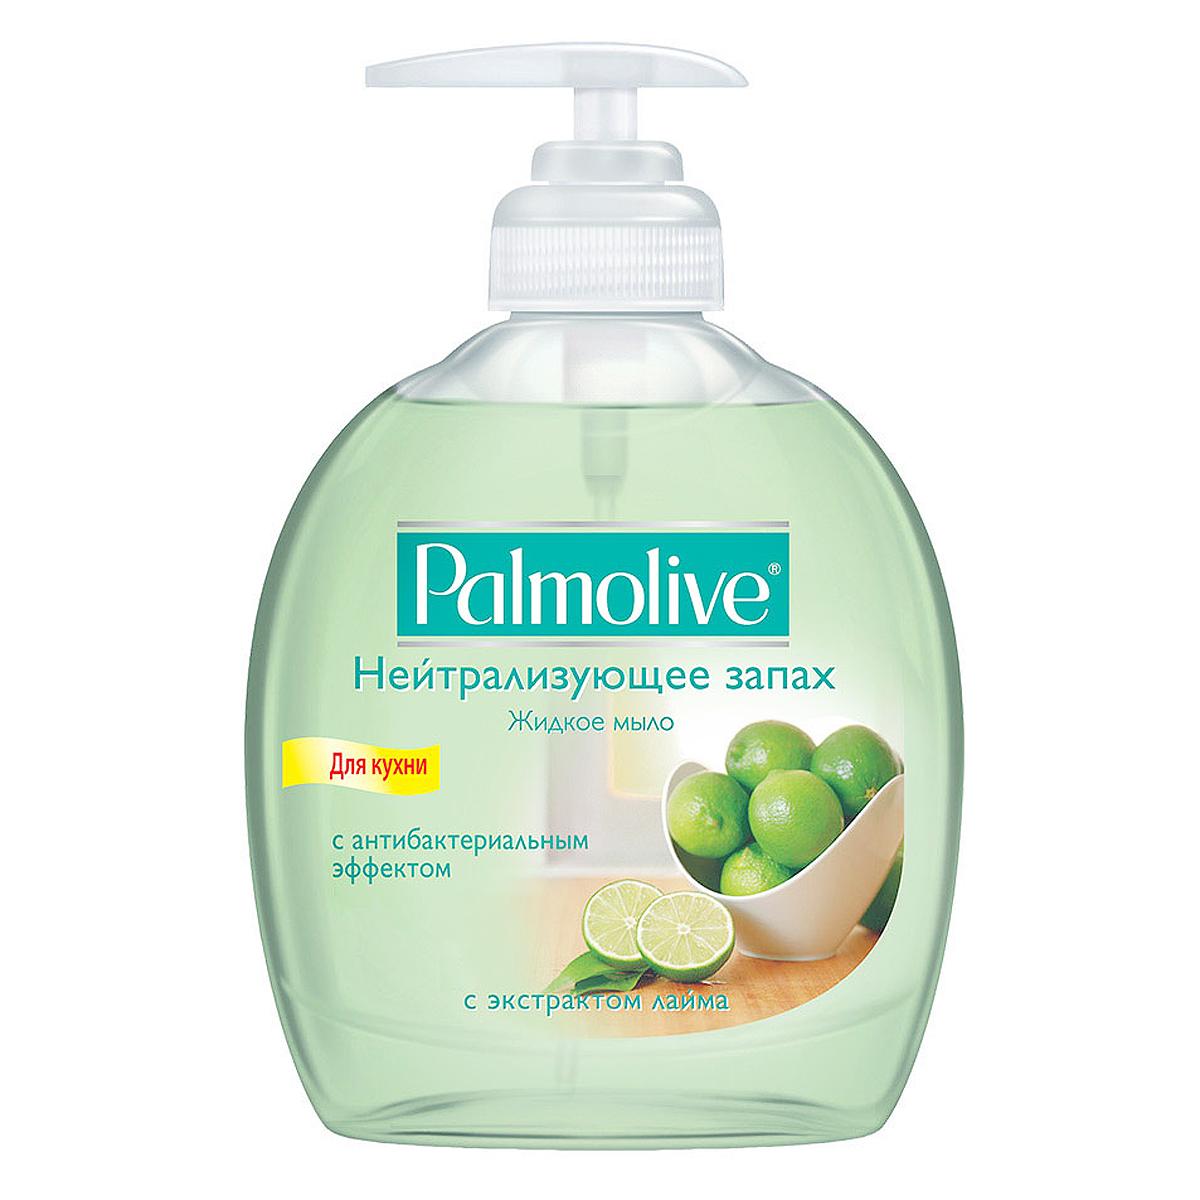 Palmolive Жидкое мыло для кухни, нейтрализующее запах, с антибактериальным эффектом, 300 мл косметика для мамы palmolive жидкое мыло нейтрализующее запах 300 мл